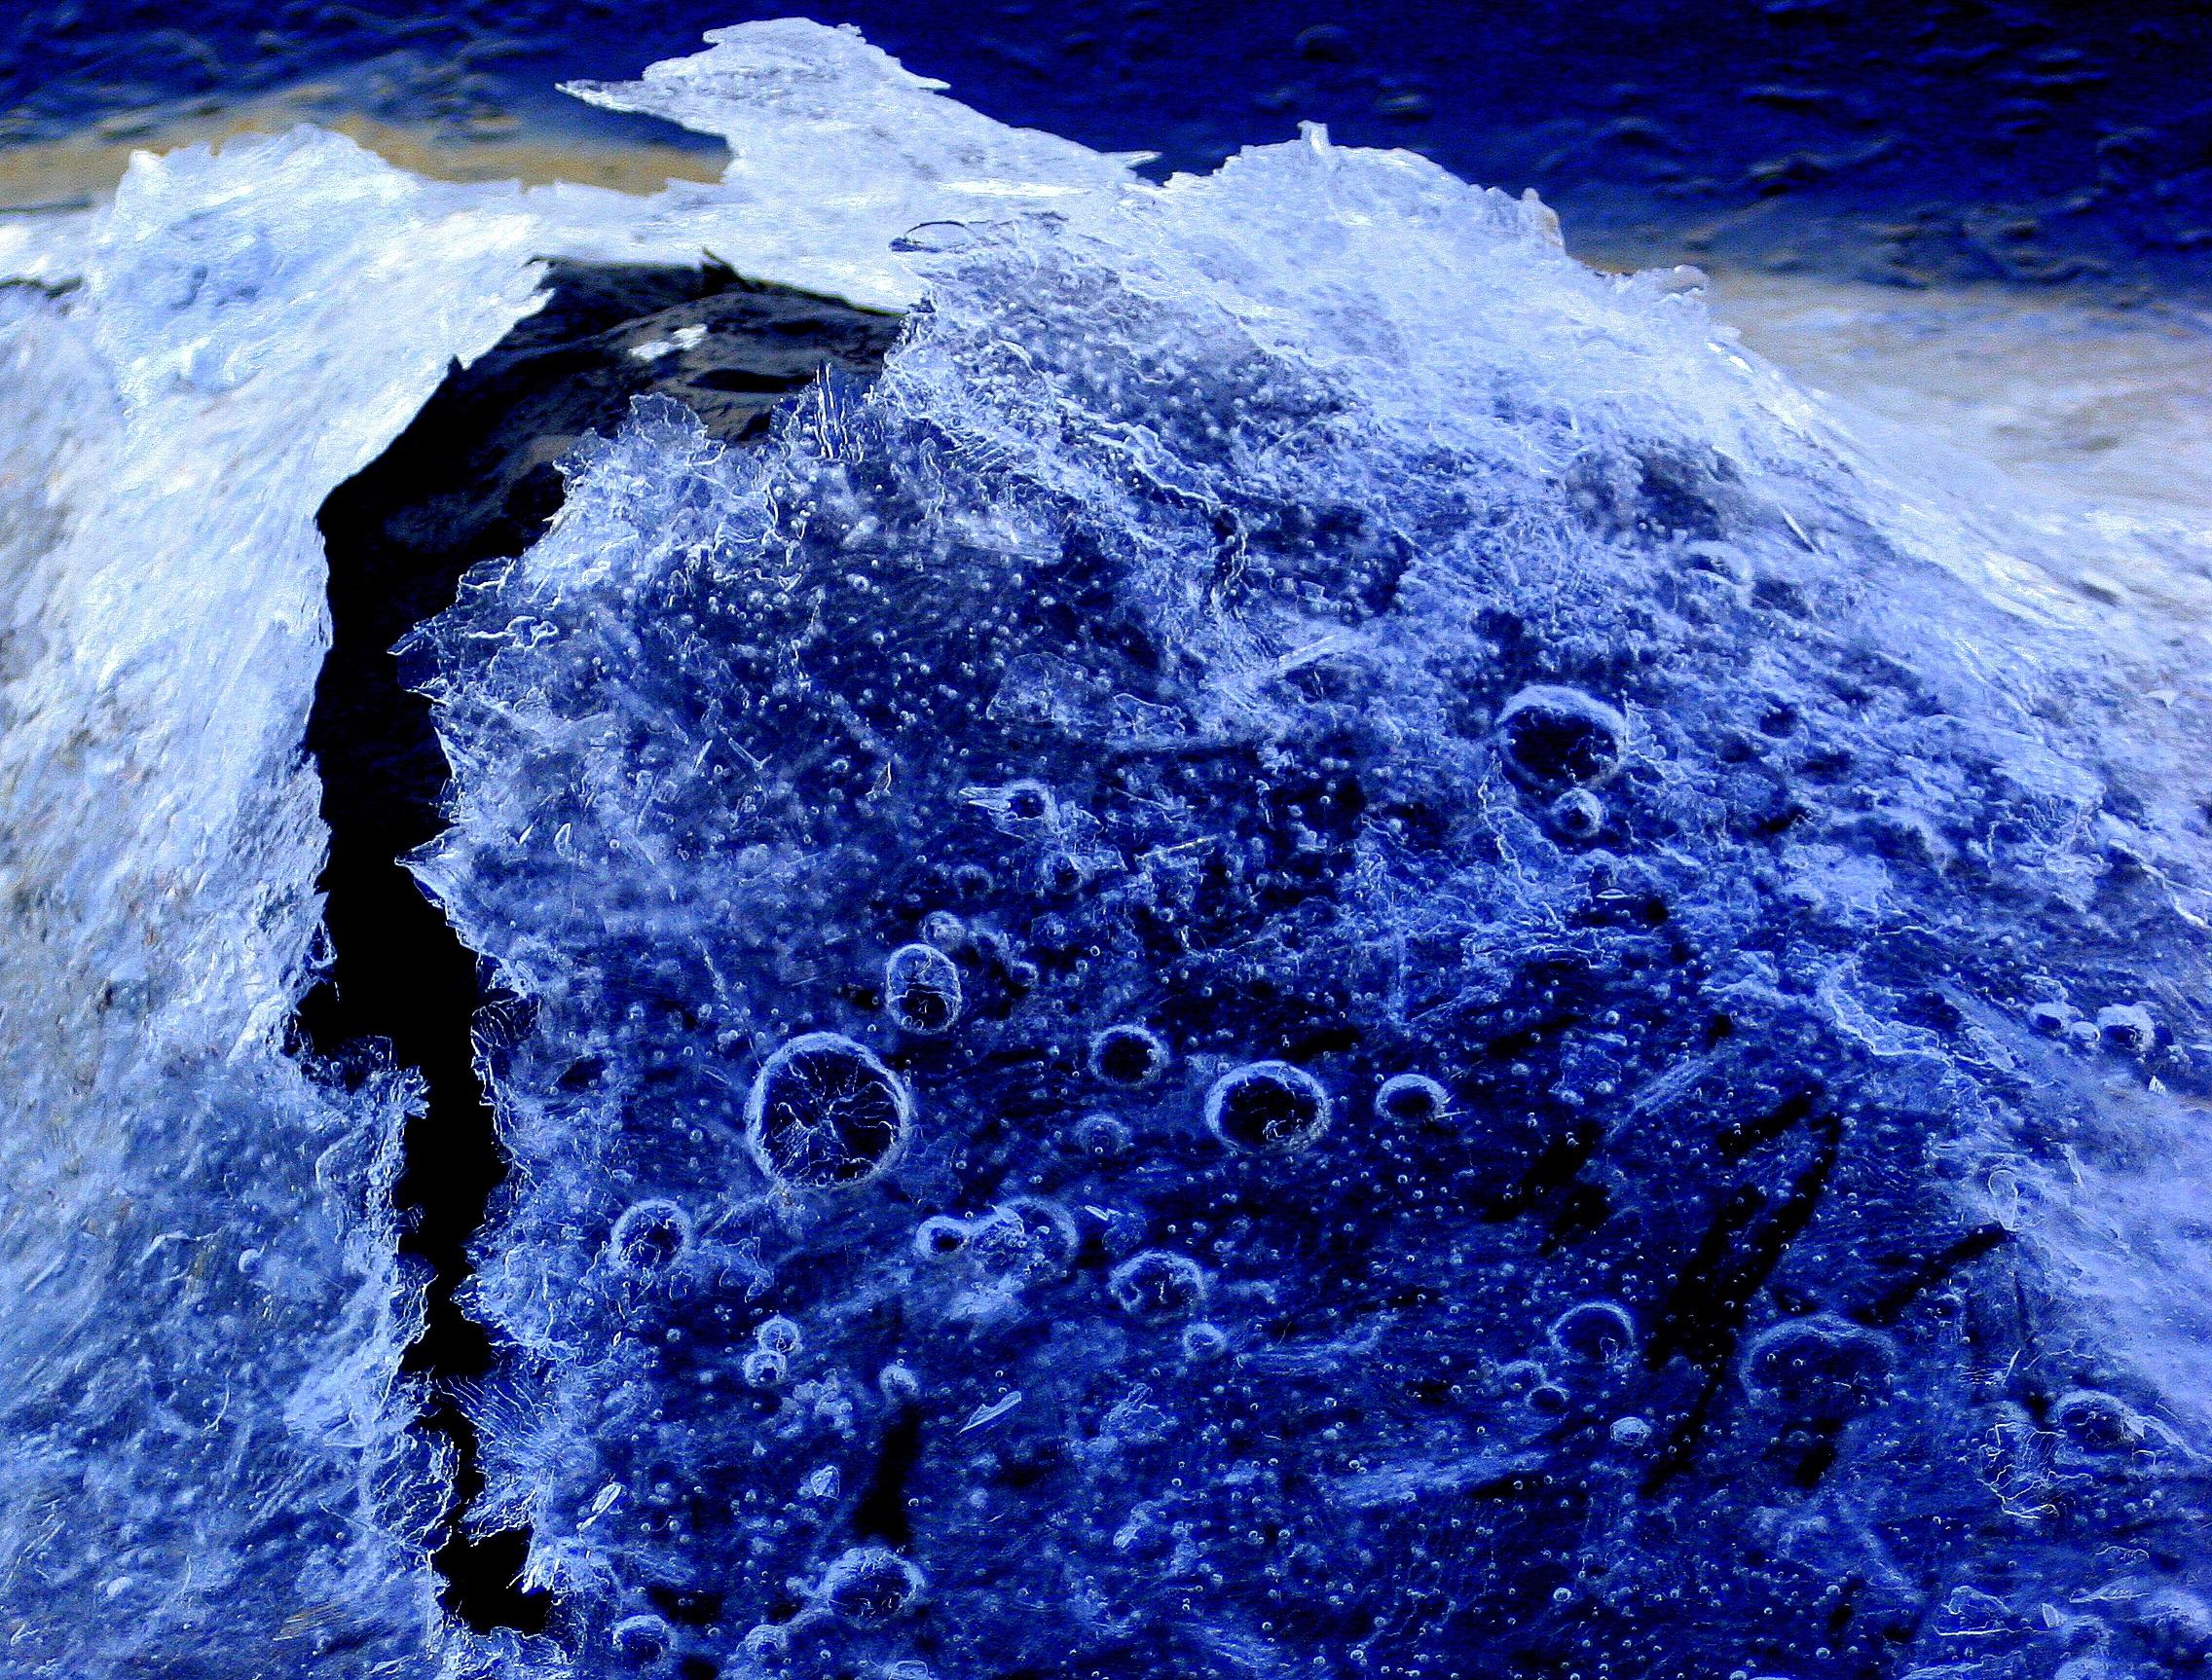 hình ảnh : biển, thiên nhiên, đại dương, mùa đông, làn sóng, sương giá, Nước đá, Đông lạnh, màu xanh da trời, Bắc cực, không gian bên ngoài, trái đất, ...